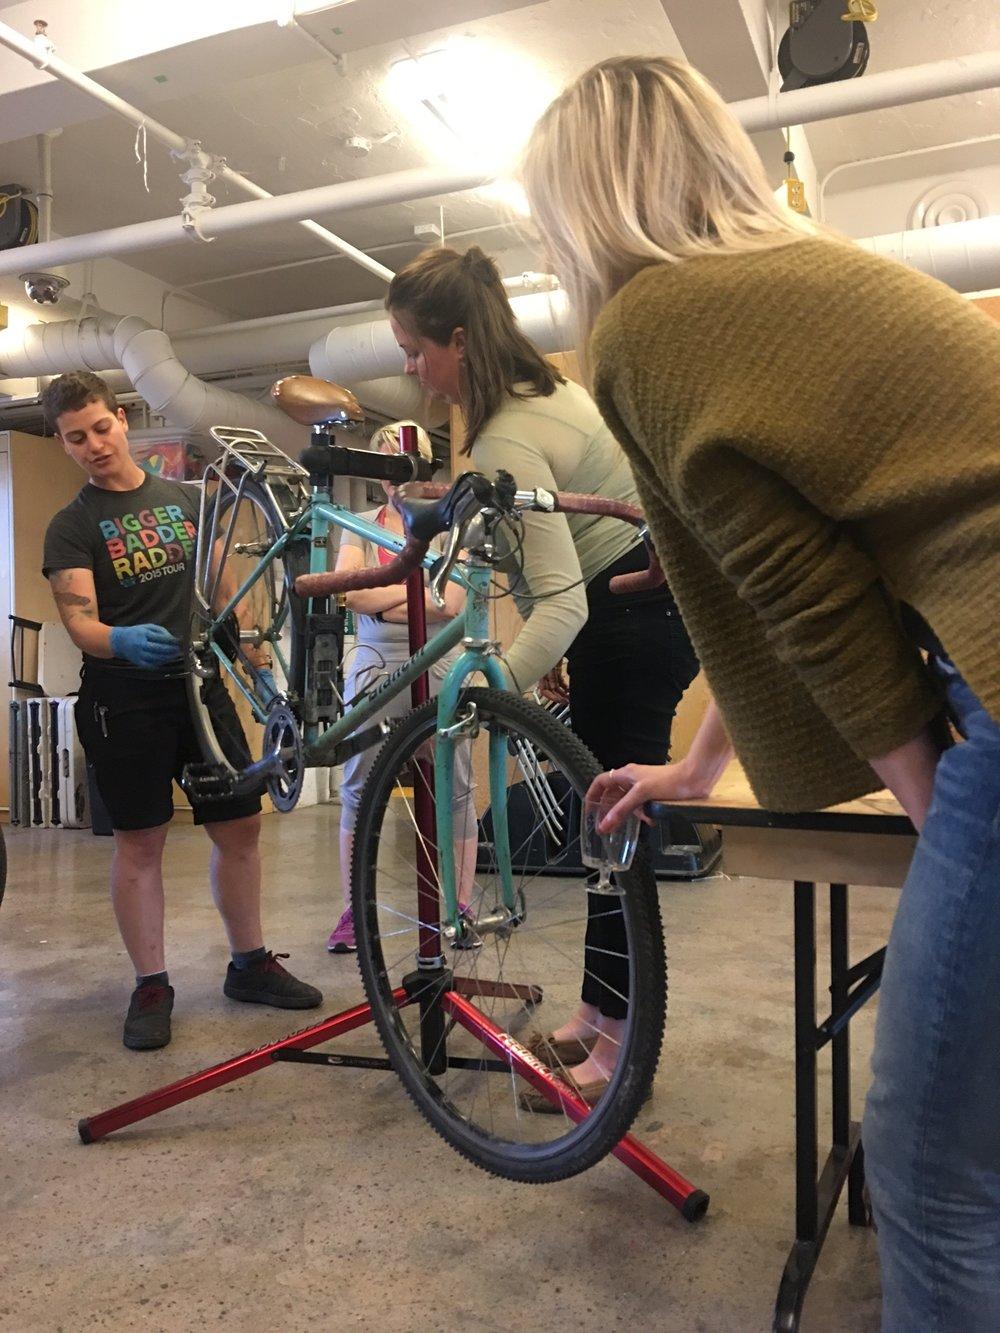 bikeworkshop2.JPG